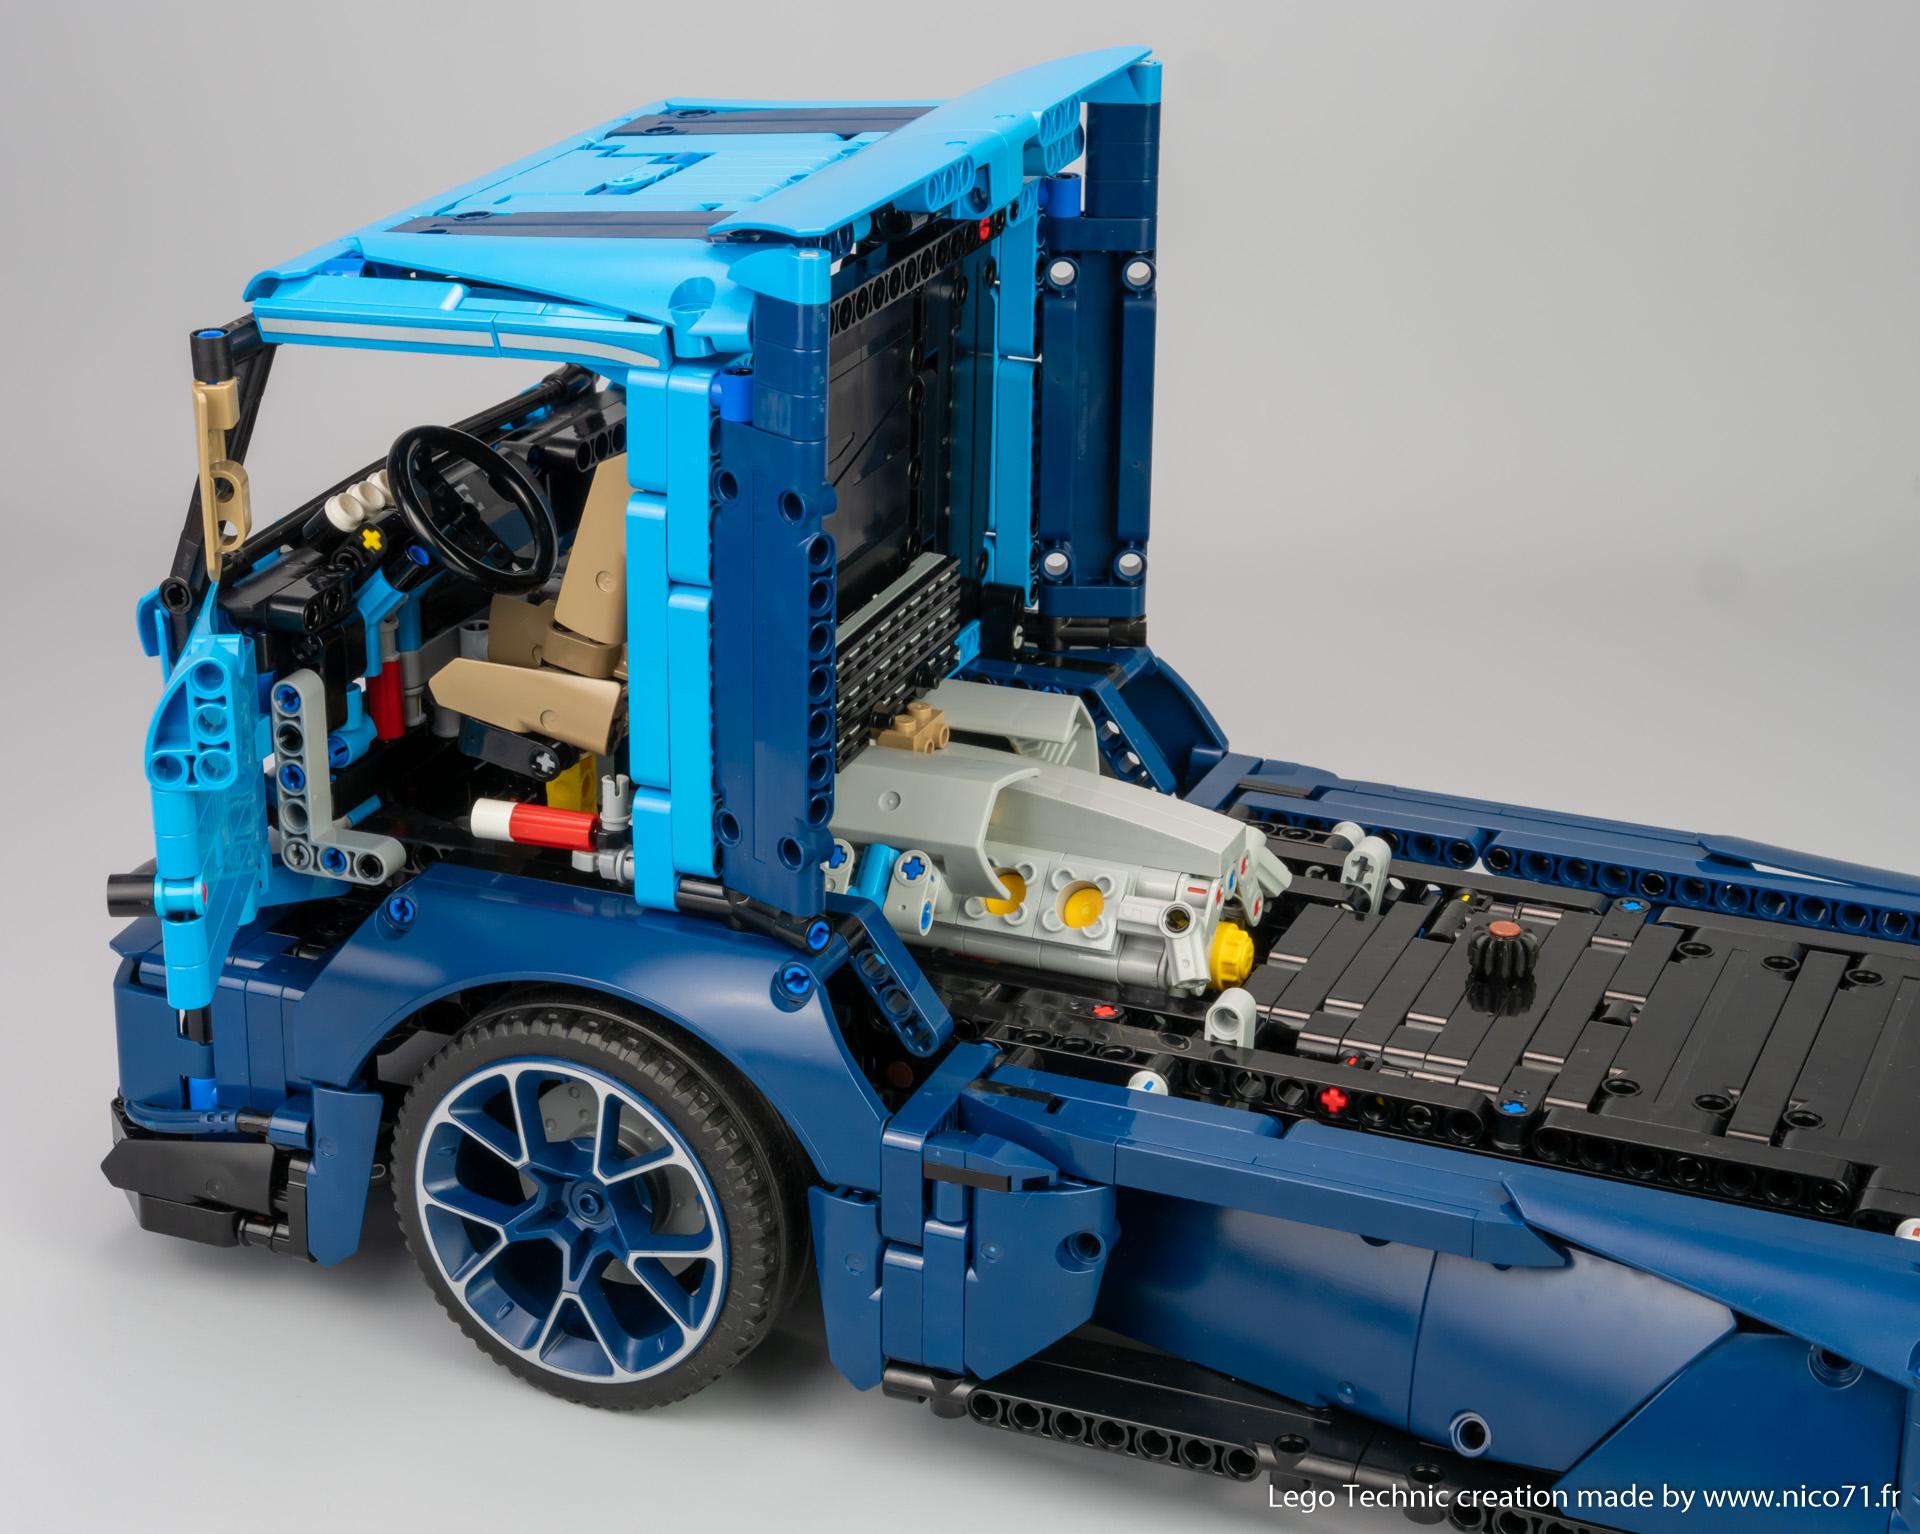 Lego-42083-model-b-race-truck-13